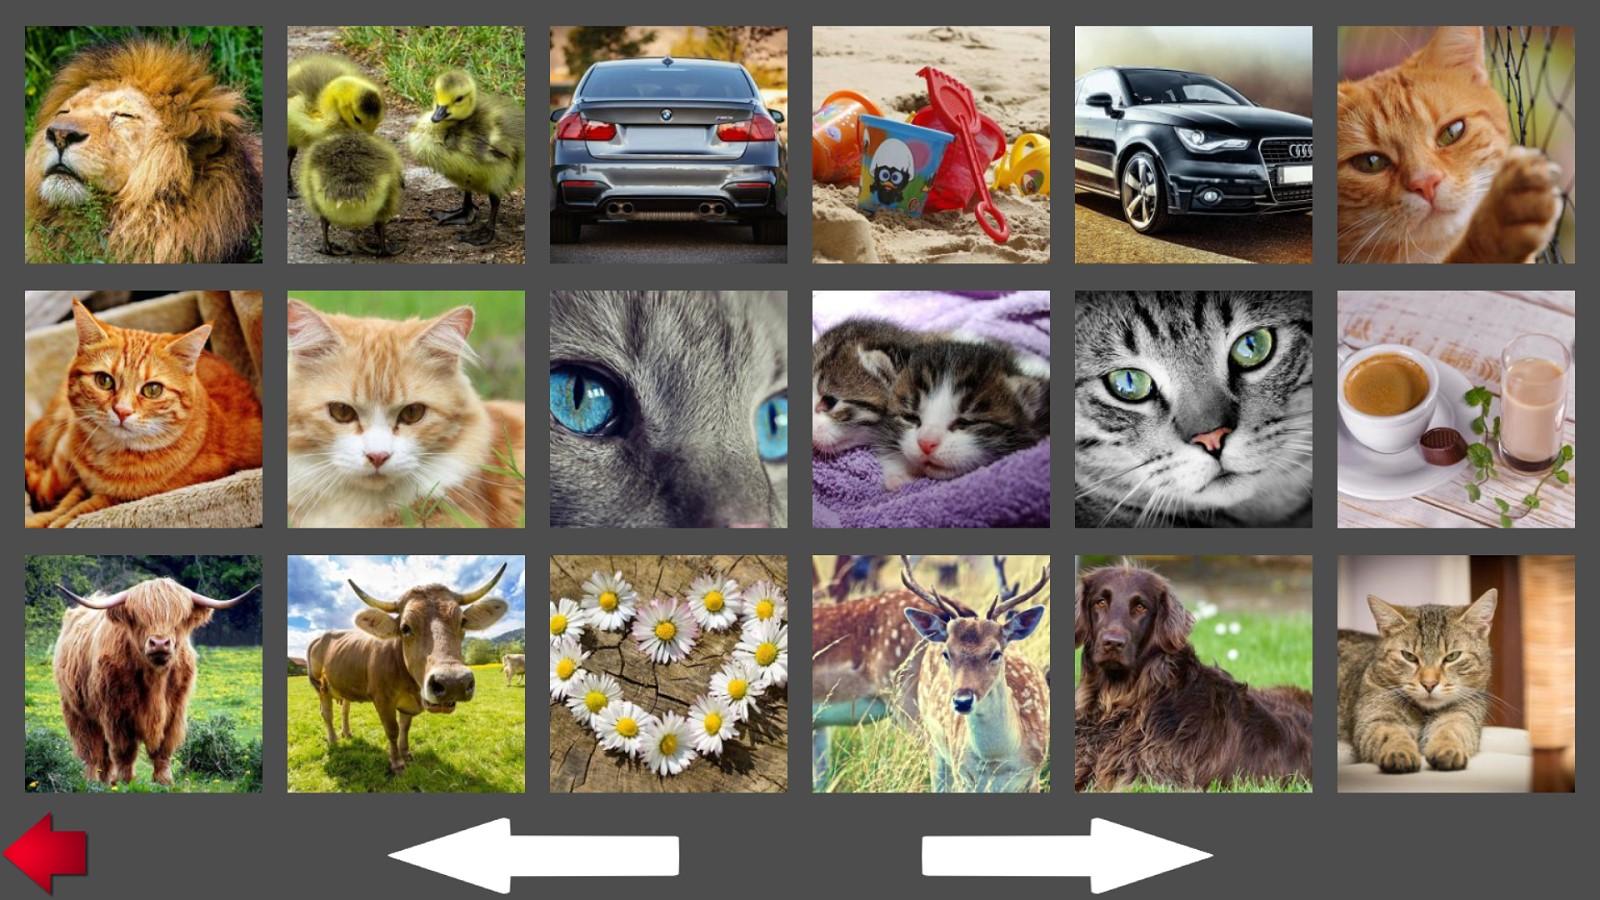 Auswahl eines Puzzlebildes (aus mehr als 100 Bildern)